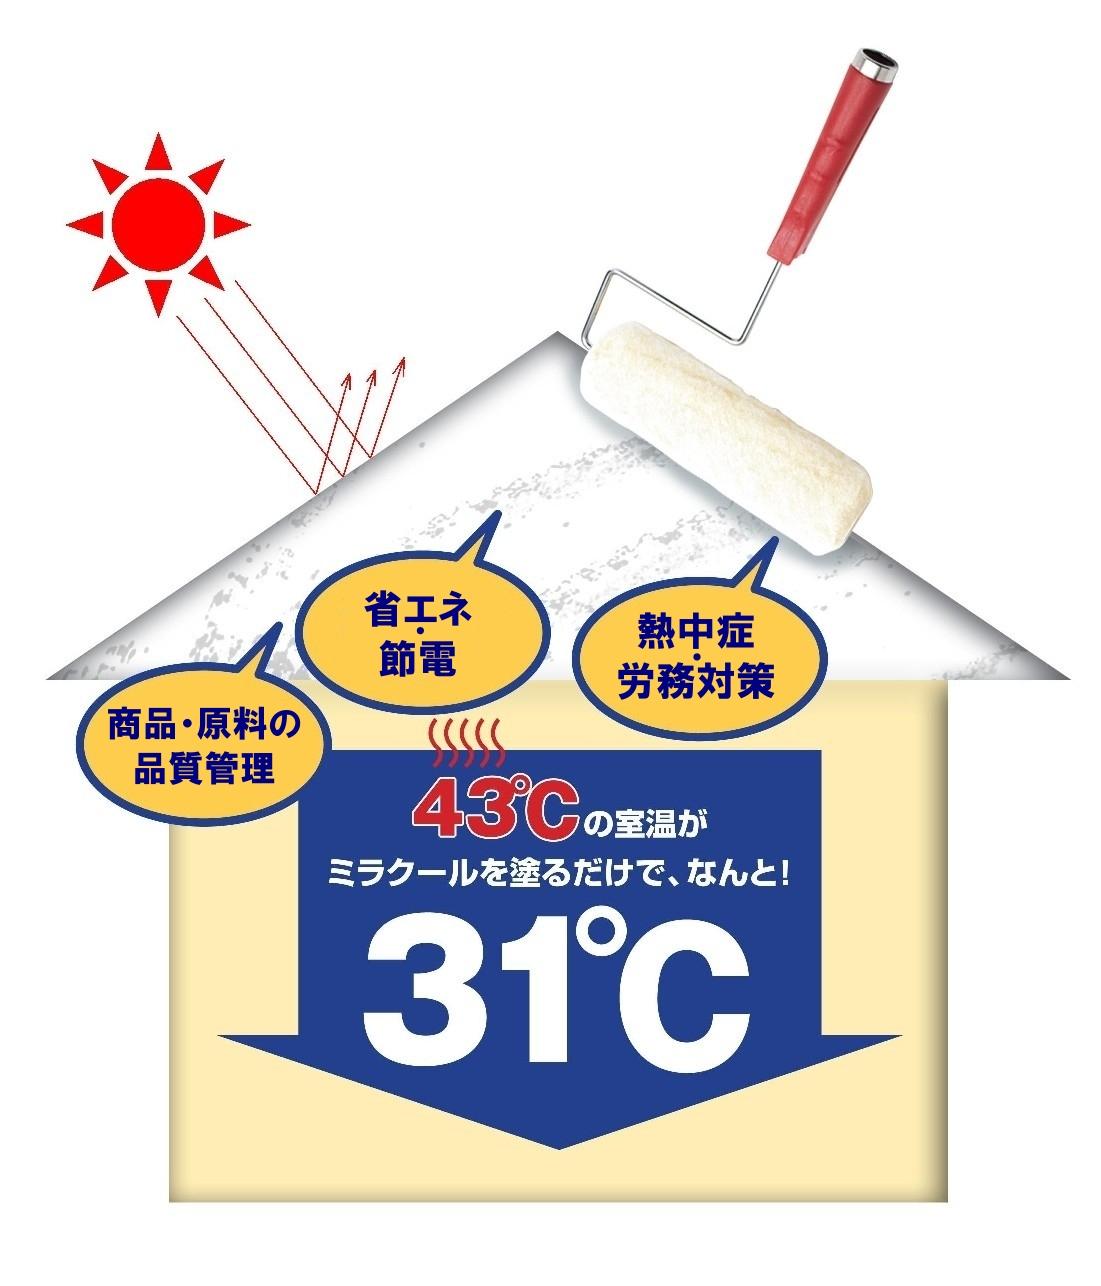 ミラクール 環境に優しい次世代高効果遮熱塗料